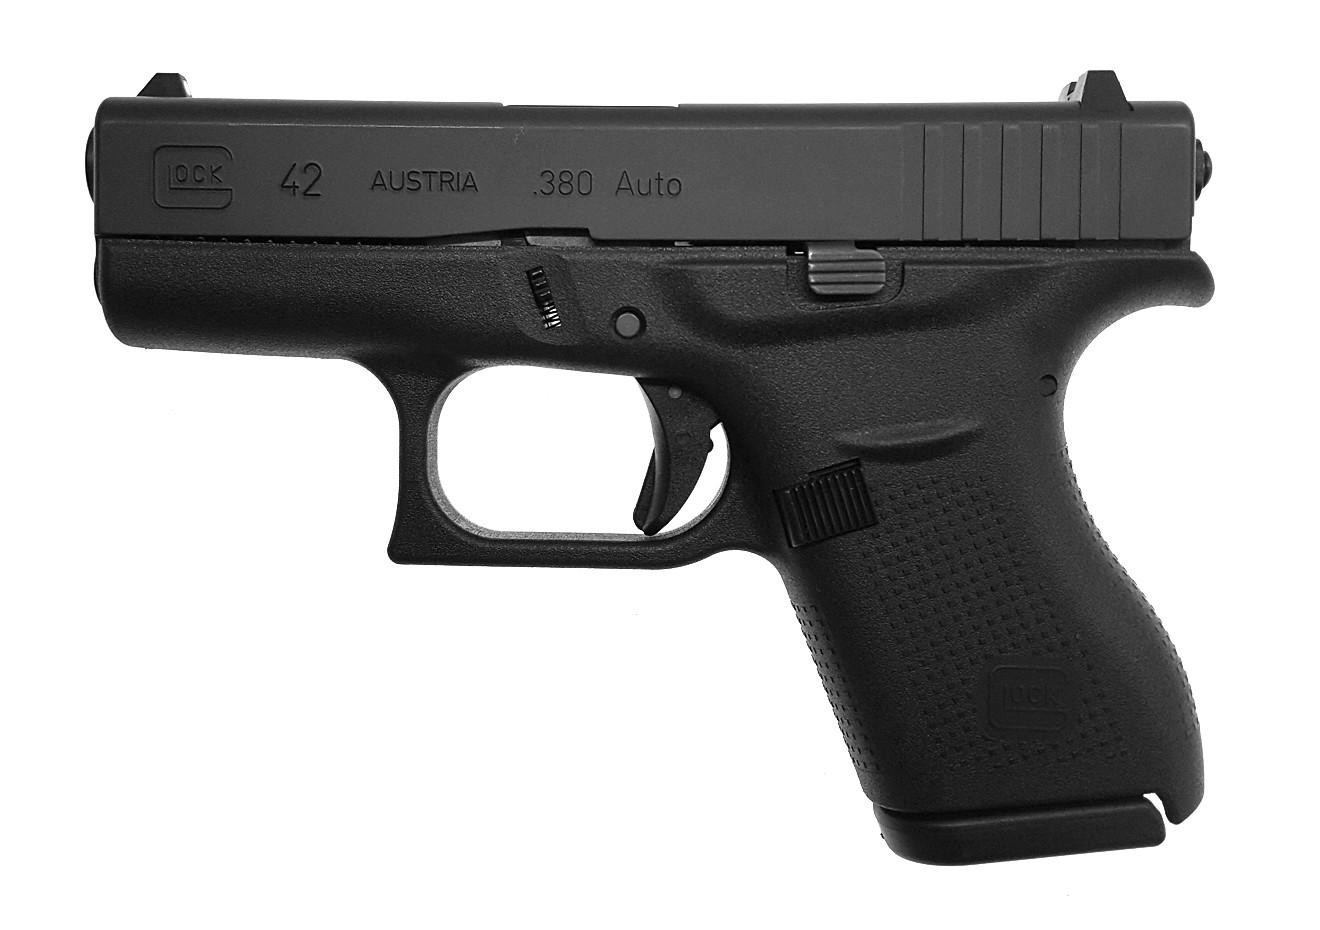 gebrauchte Pistole Glock 42 .380 Auto Waffenstube Thalkirchen München Bayern Deutschland